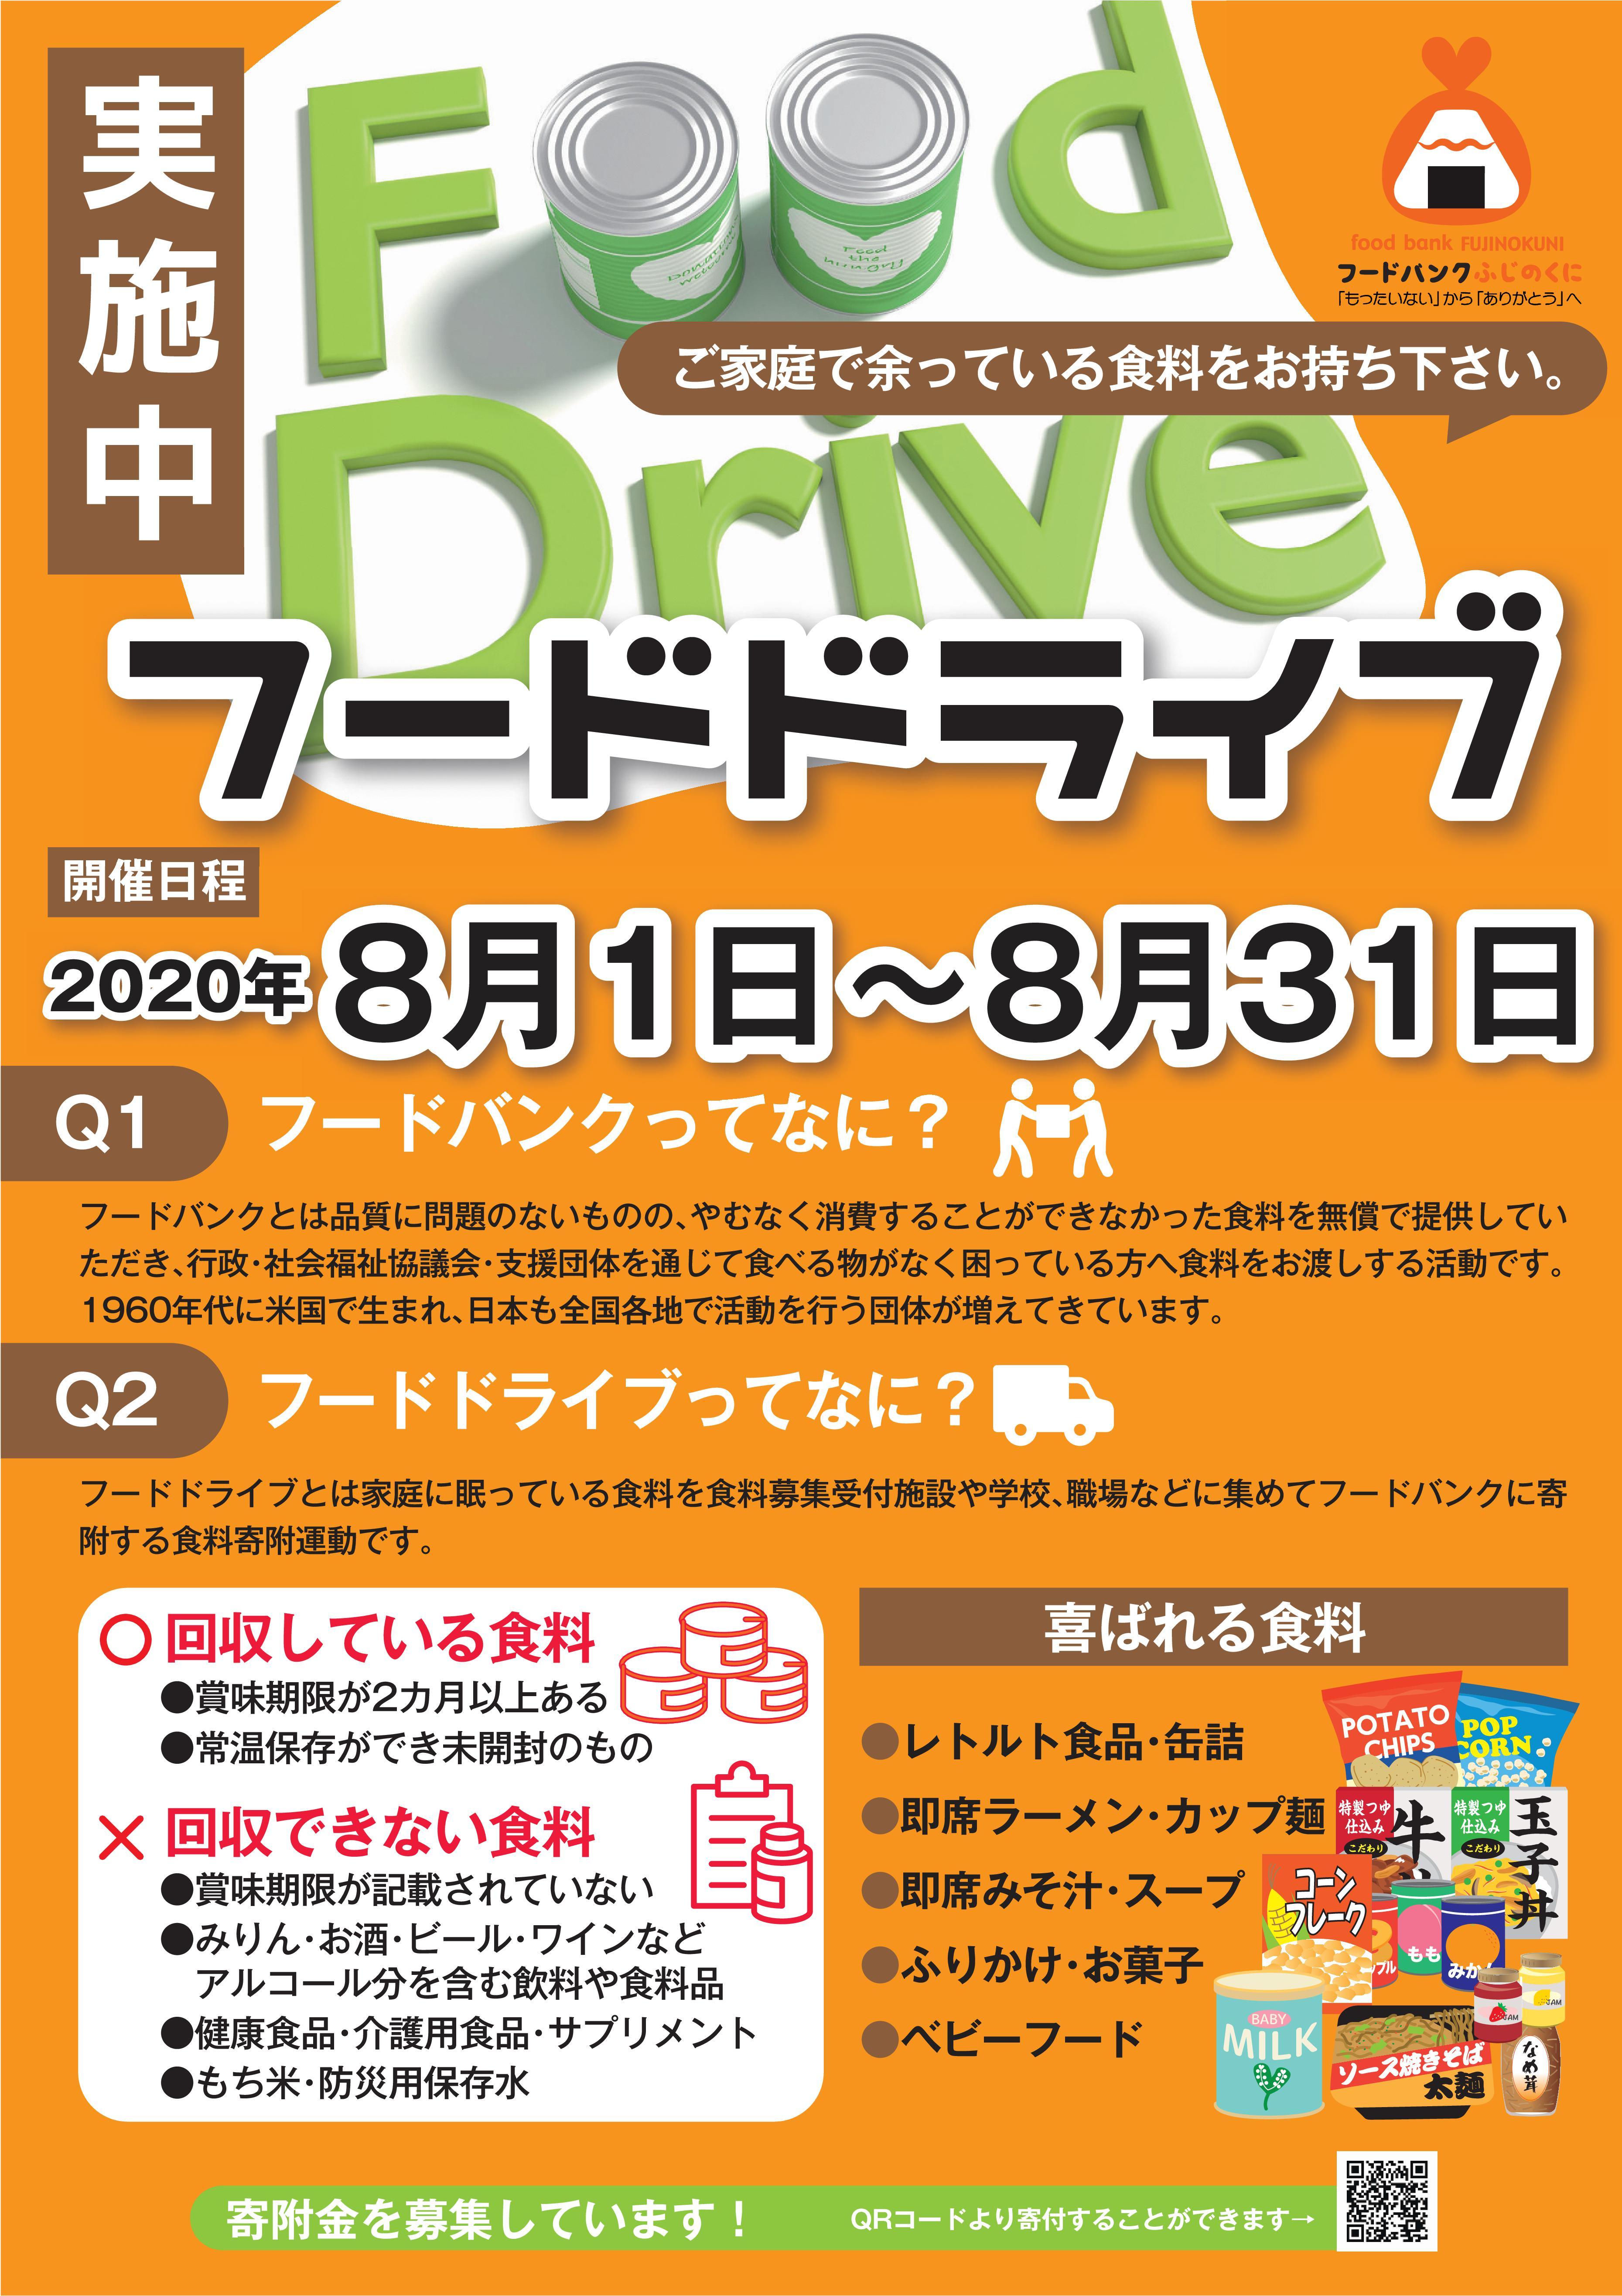 【軽量化】2020年度夏季フードドライブポスター